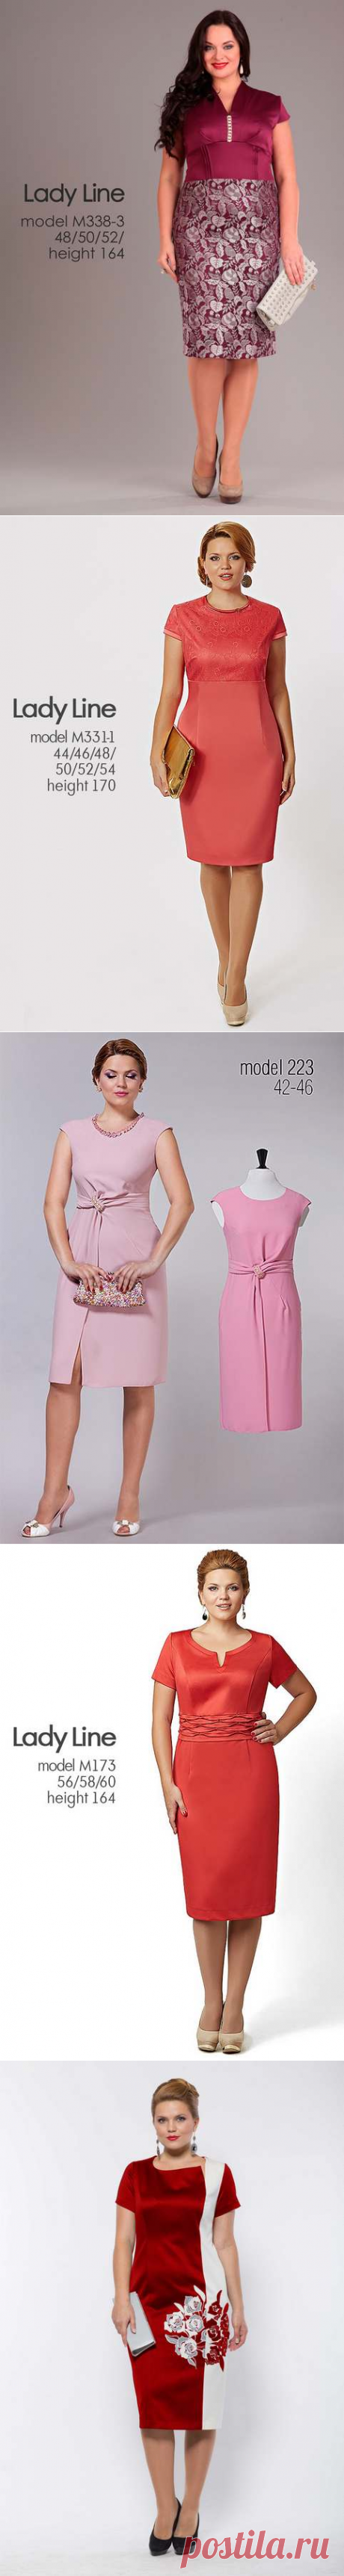 Платья и костюмы для полных женщин белорусской фирмы Lady Line, весна-лето 2016